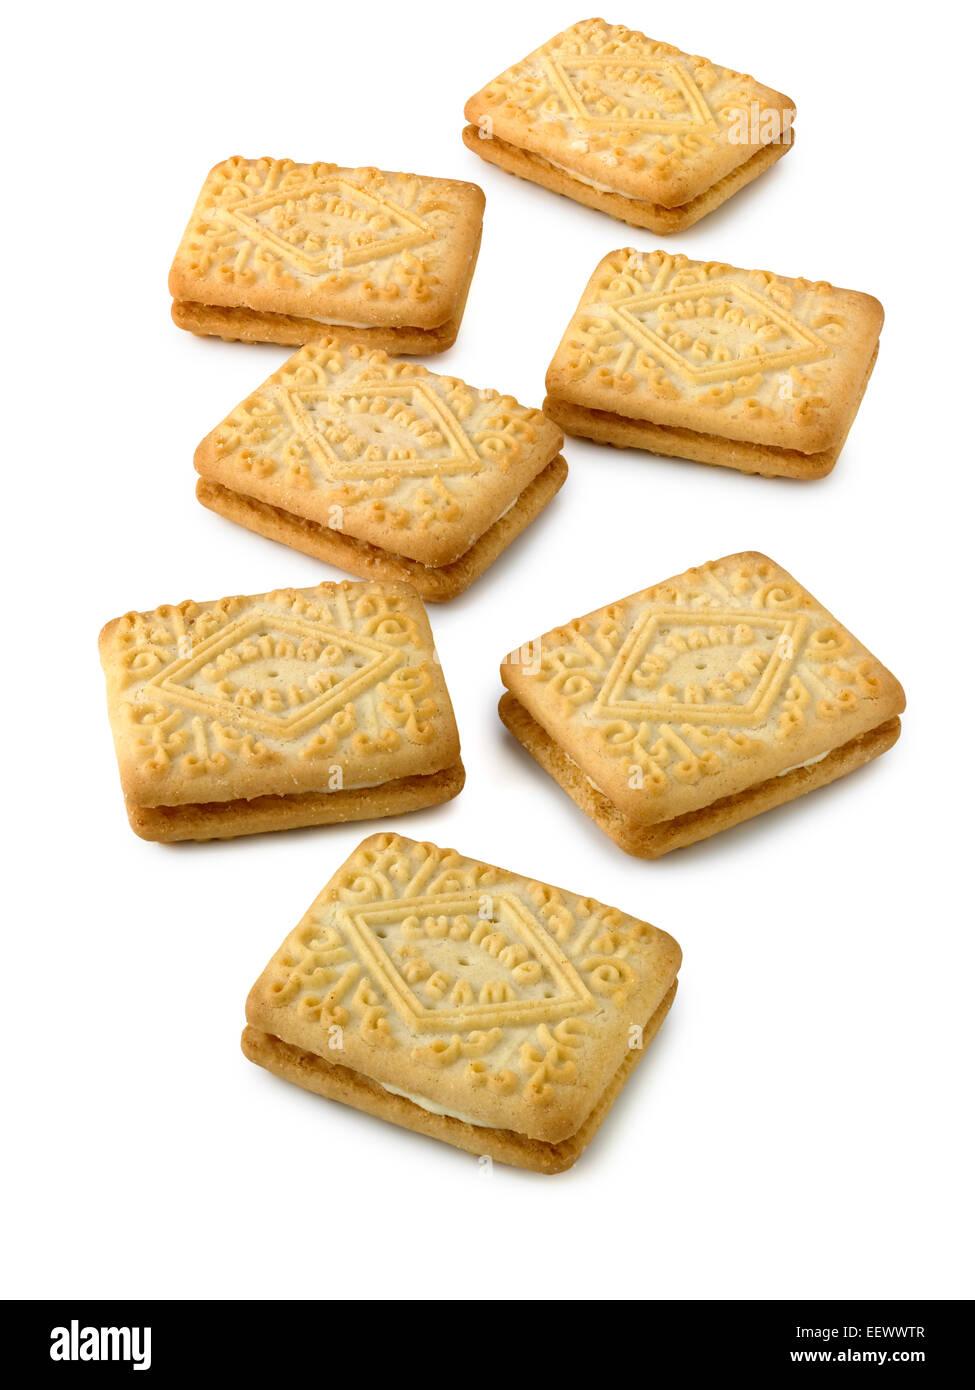 custard cream biscuit - Stock Image